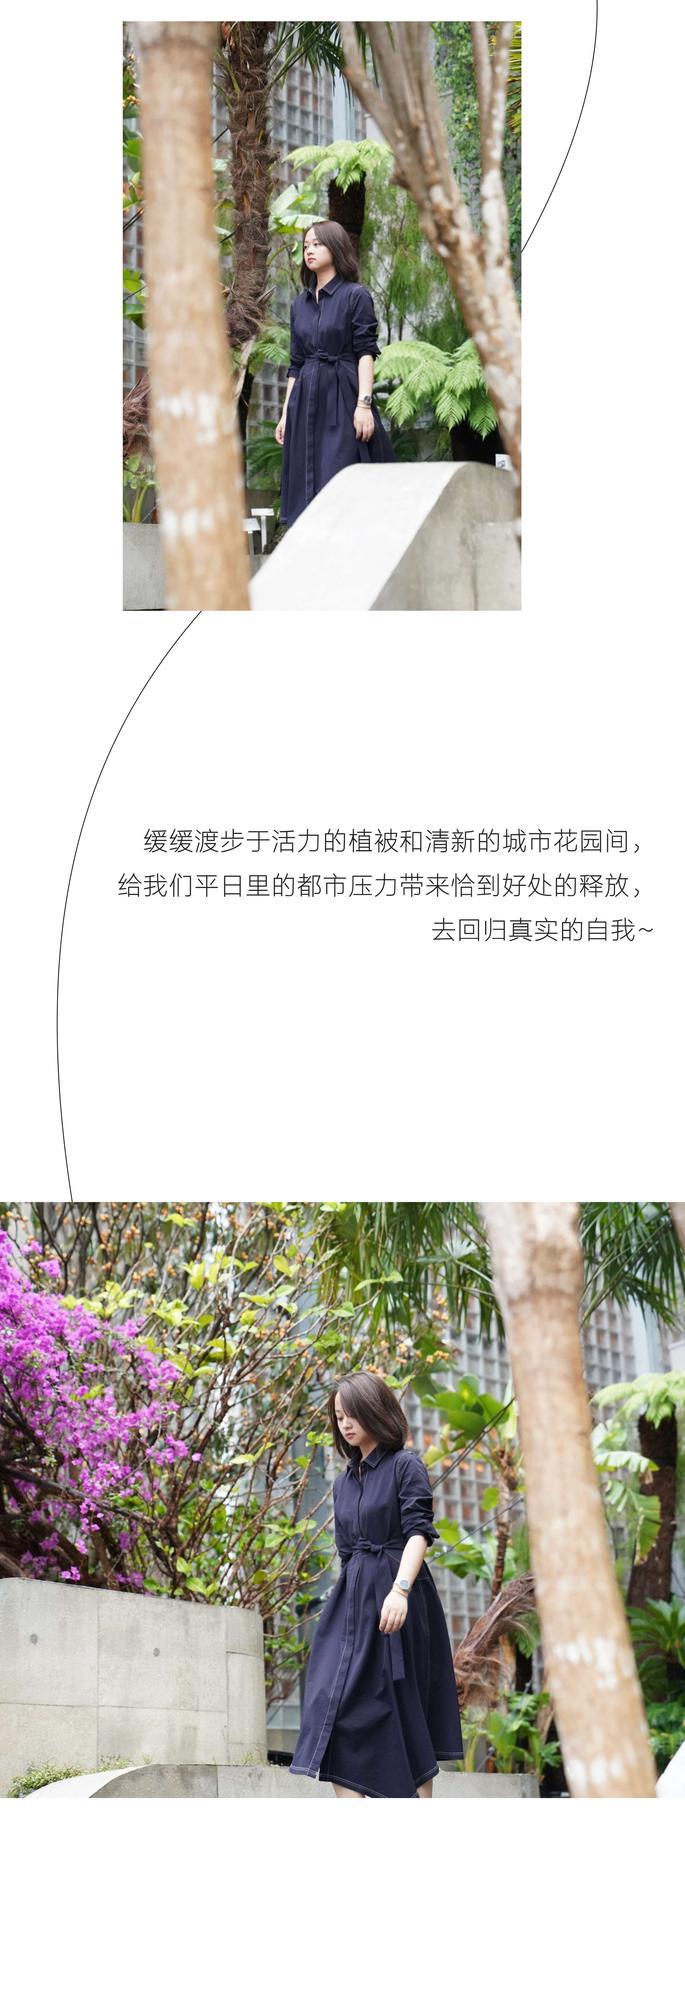 9_01_看圖王_看圖王.jpg